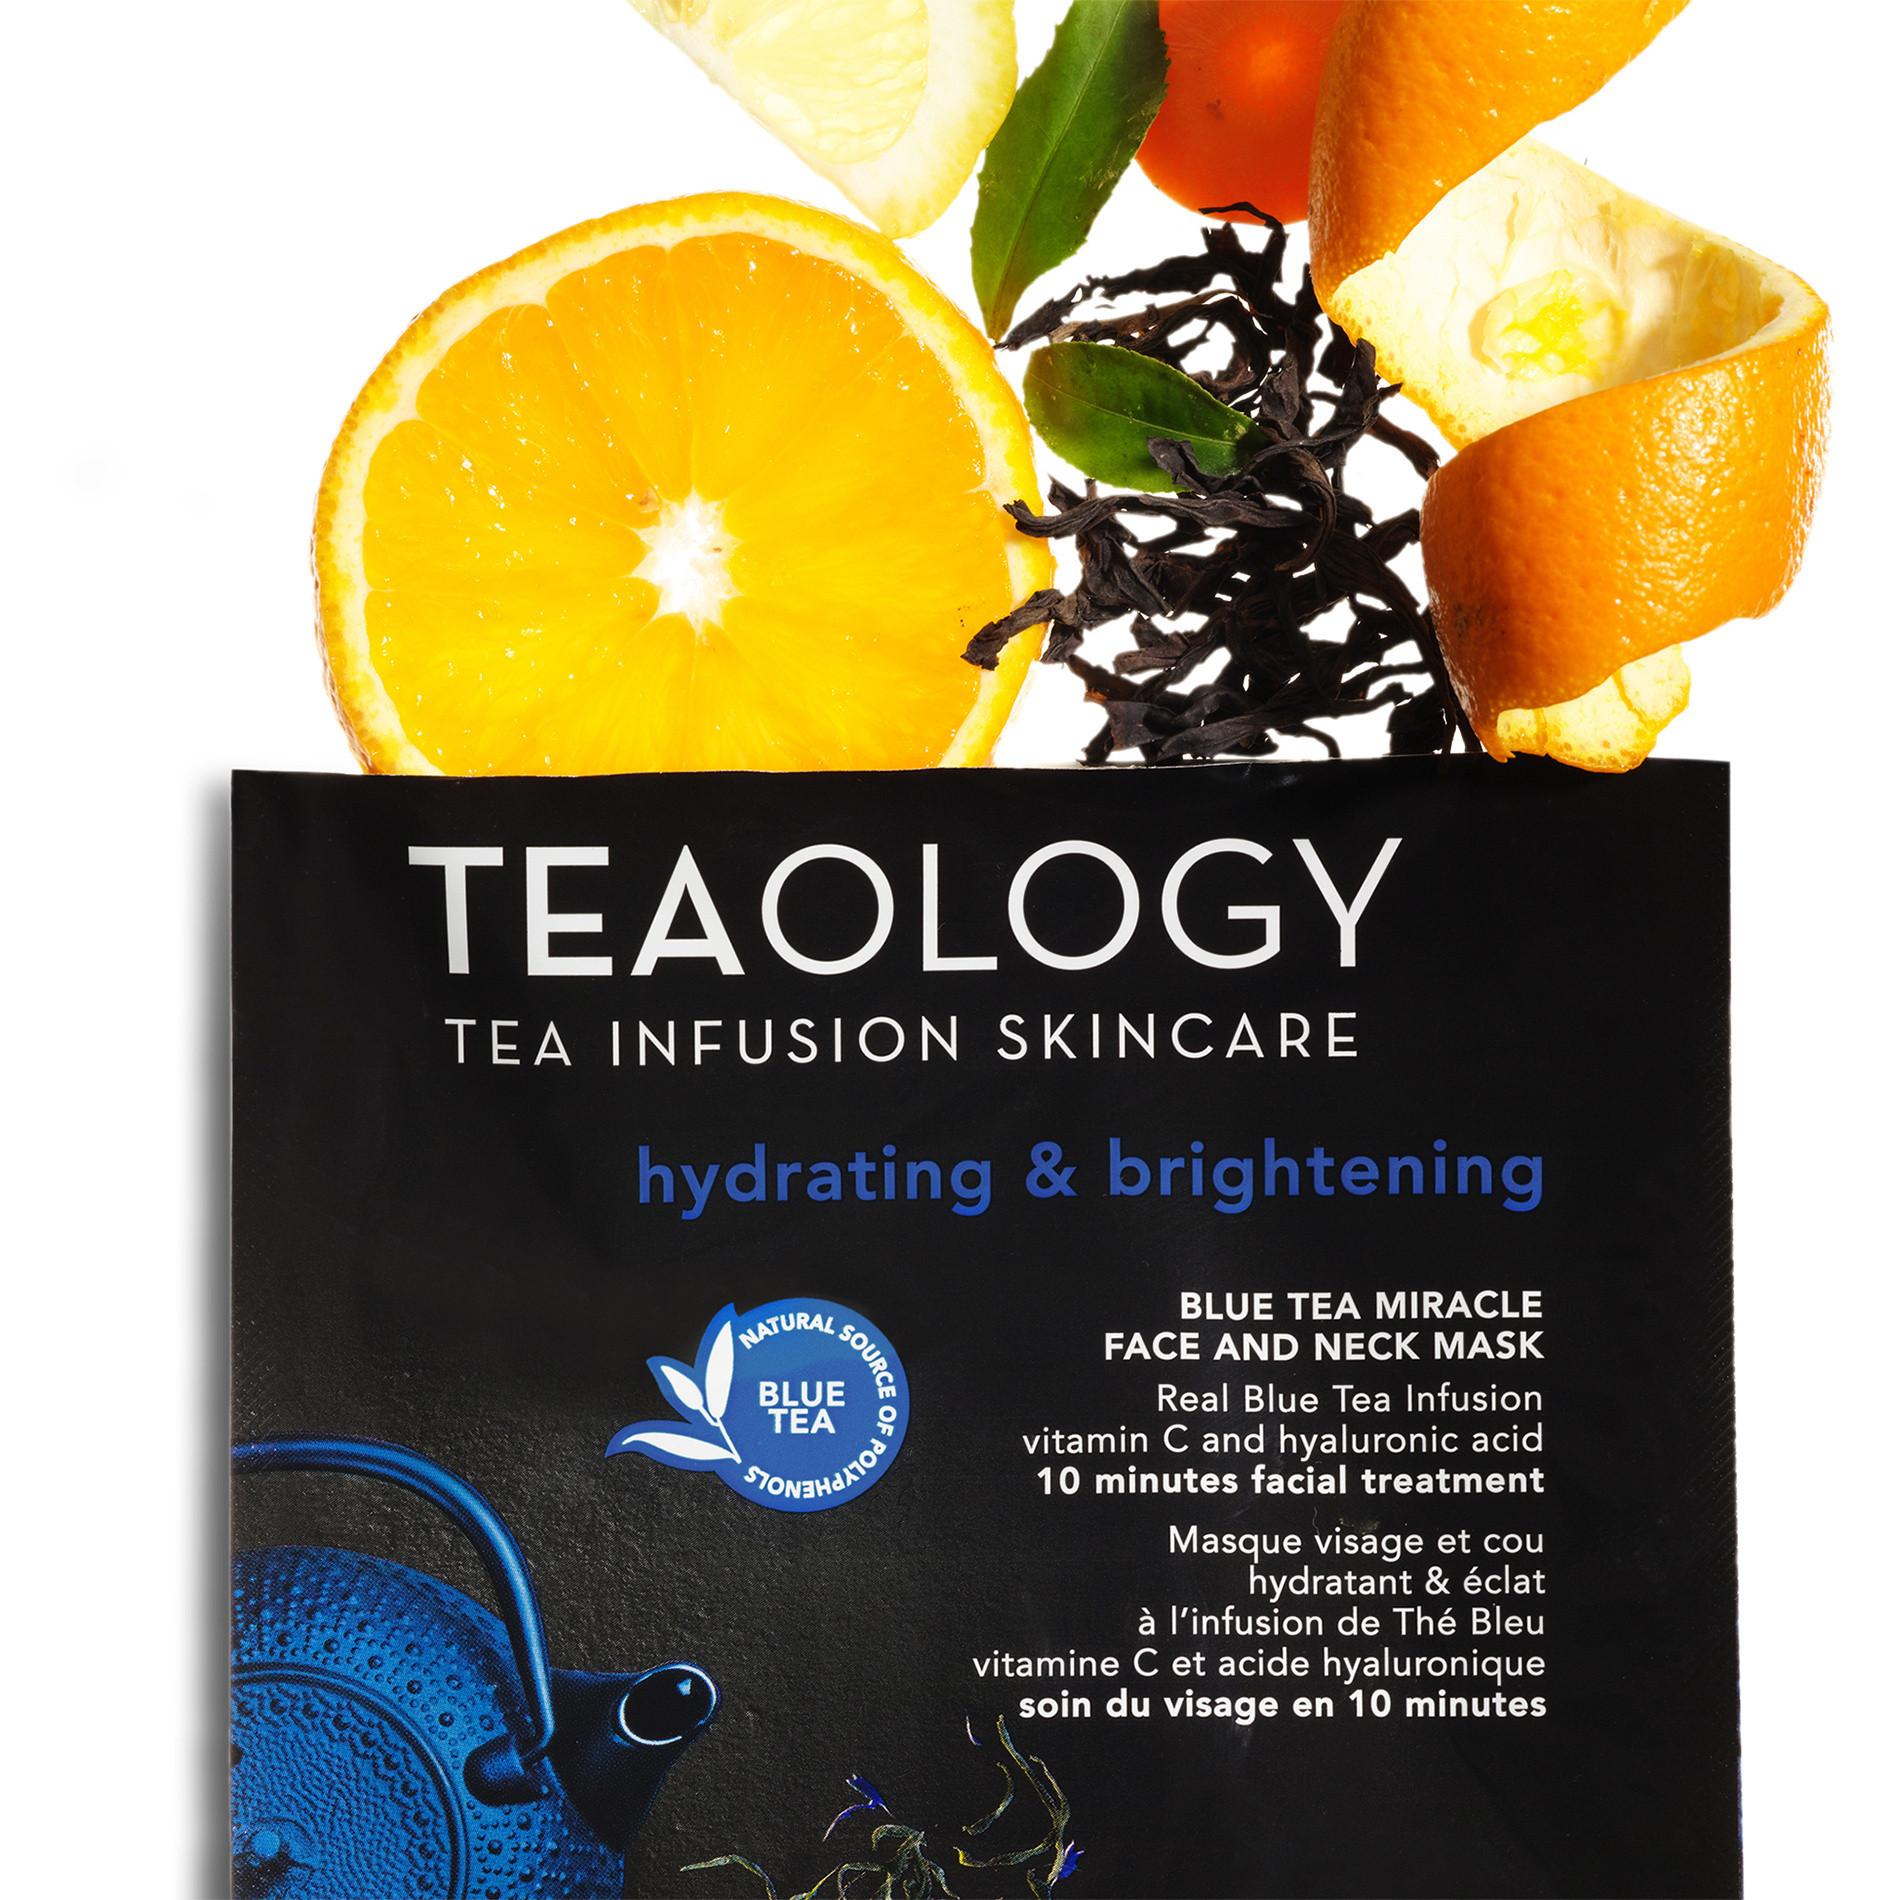 Blue Tea Miracle Face and Neck Mask Idratante e Illuminante 30 ml, Nero, large image number 2